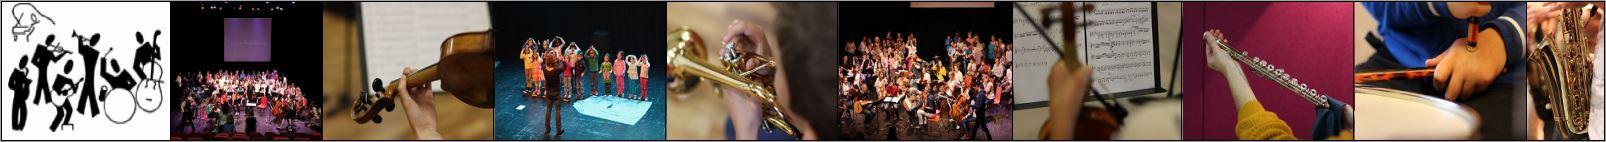 Association Musicale de la Mérantaise